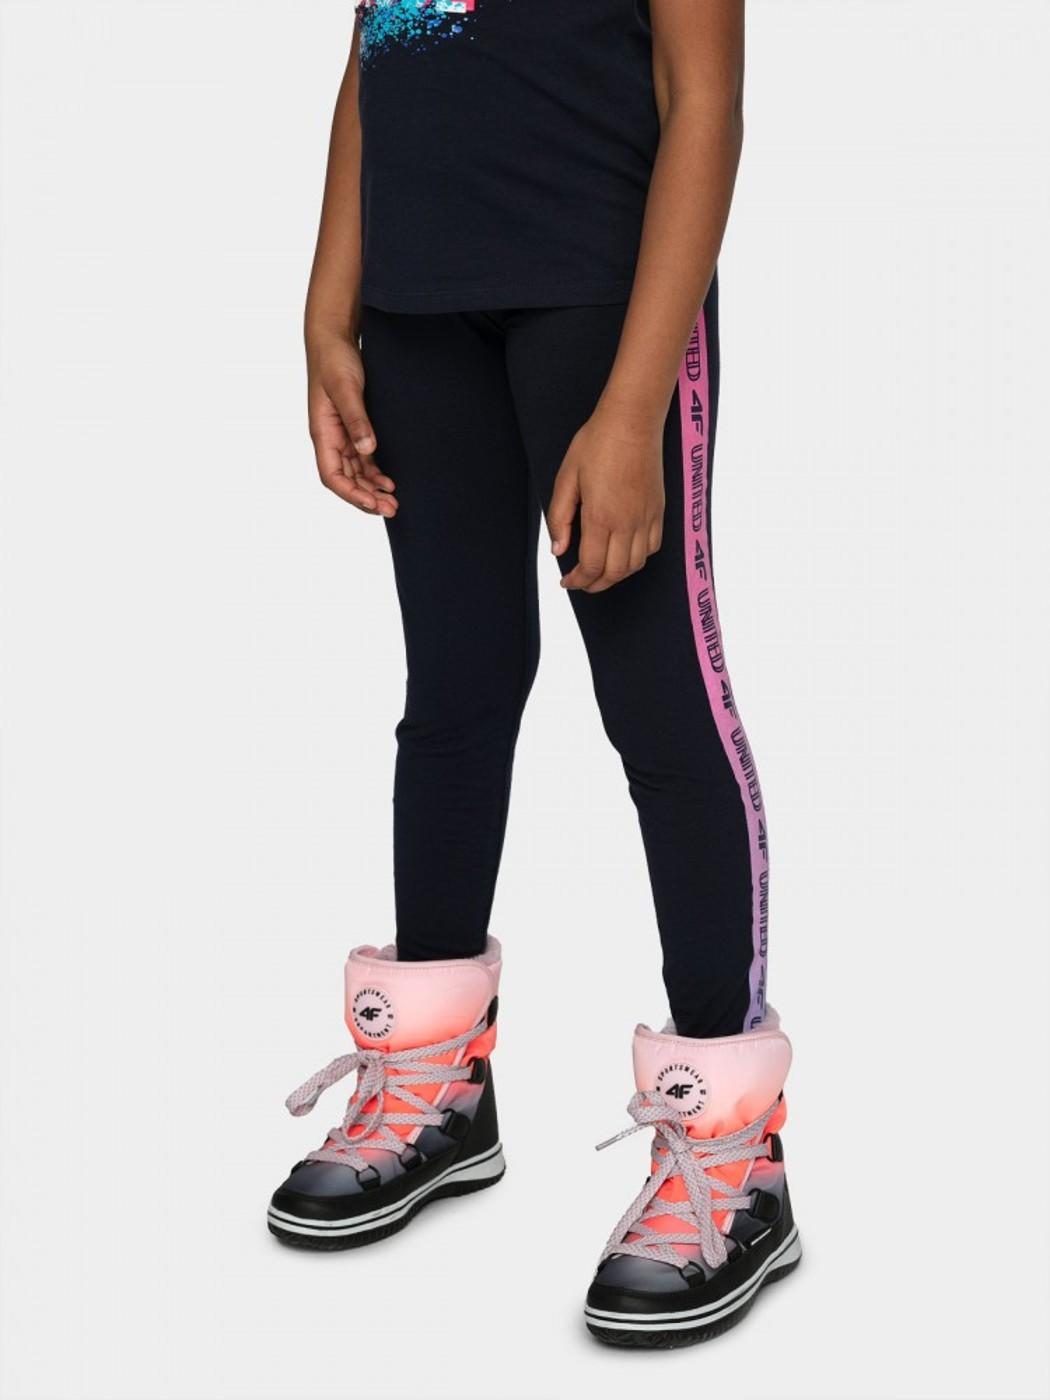 4F GIRL S LEGGINGS JLEG003A - Kinder